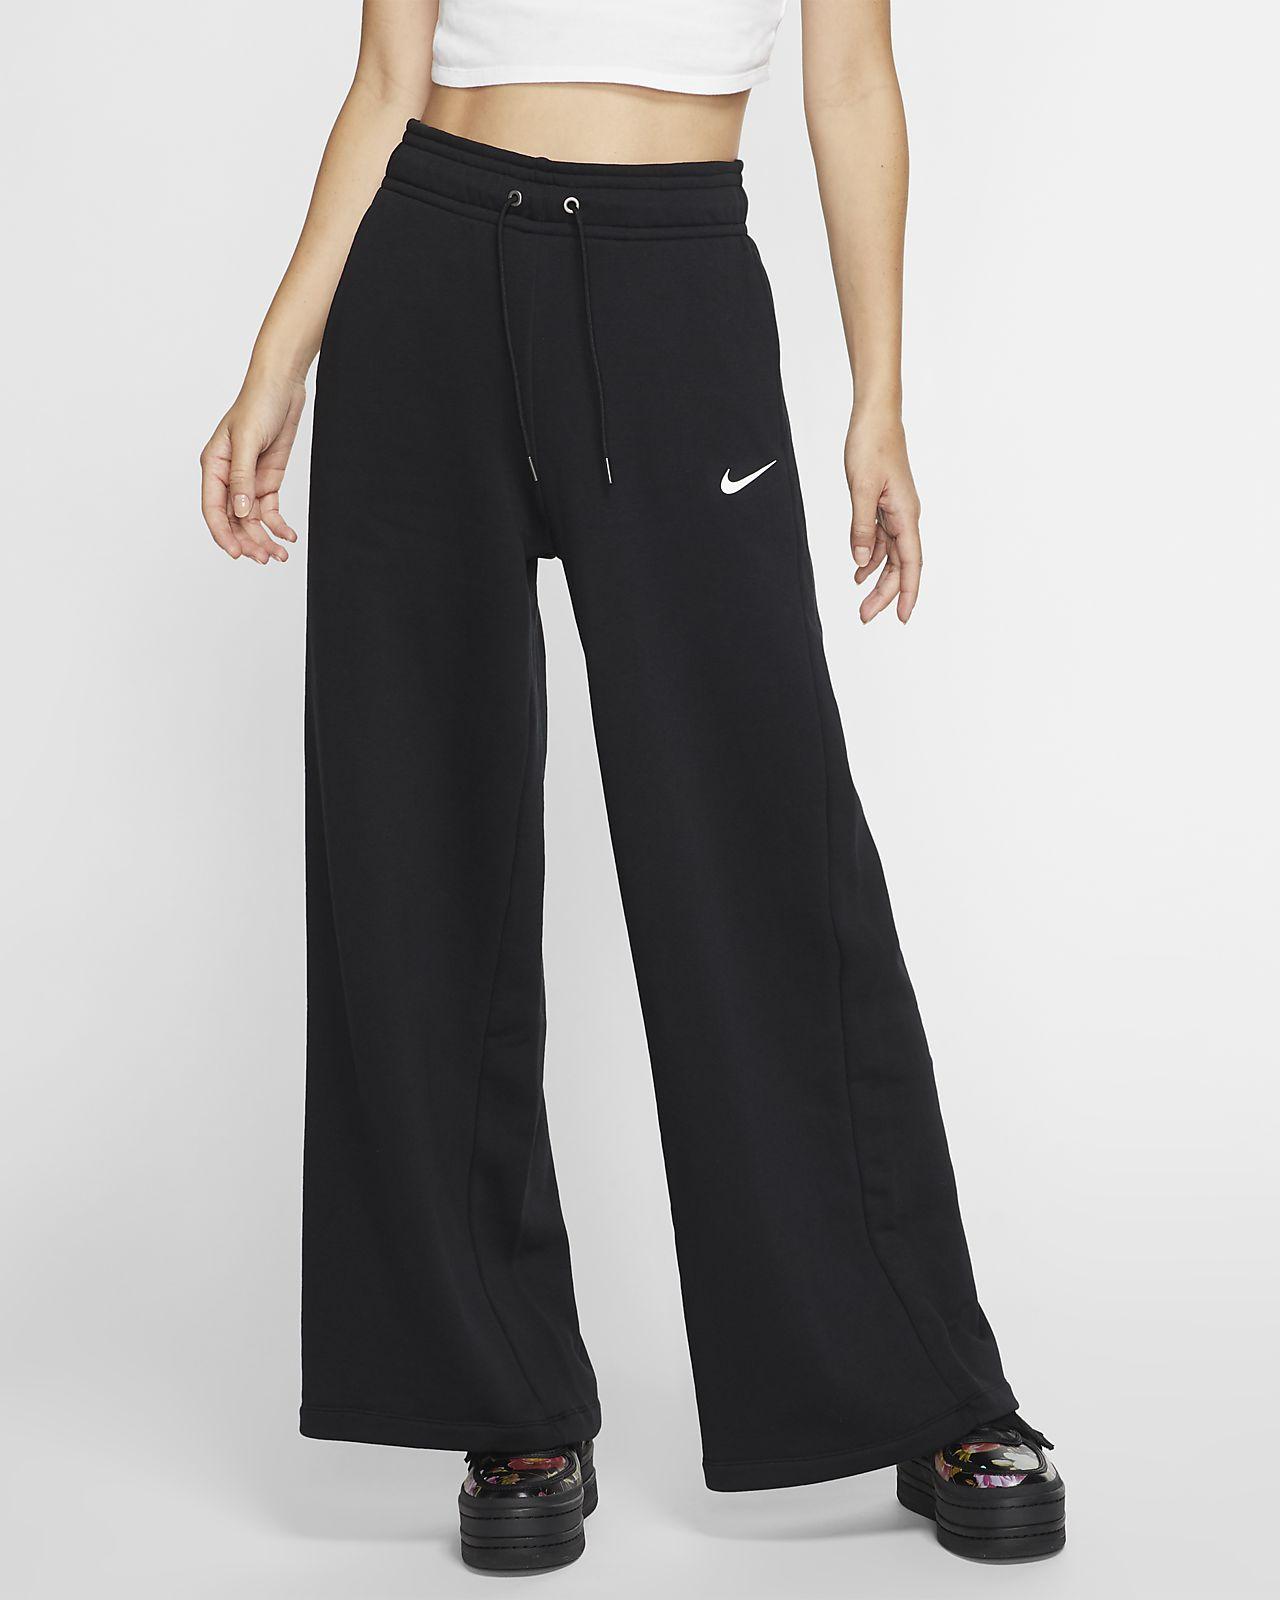 Pantalones de piernas anchas para mujer Nike Sportswear